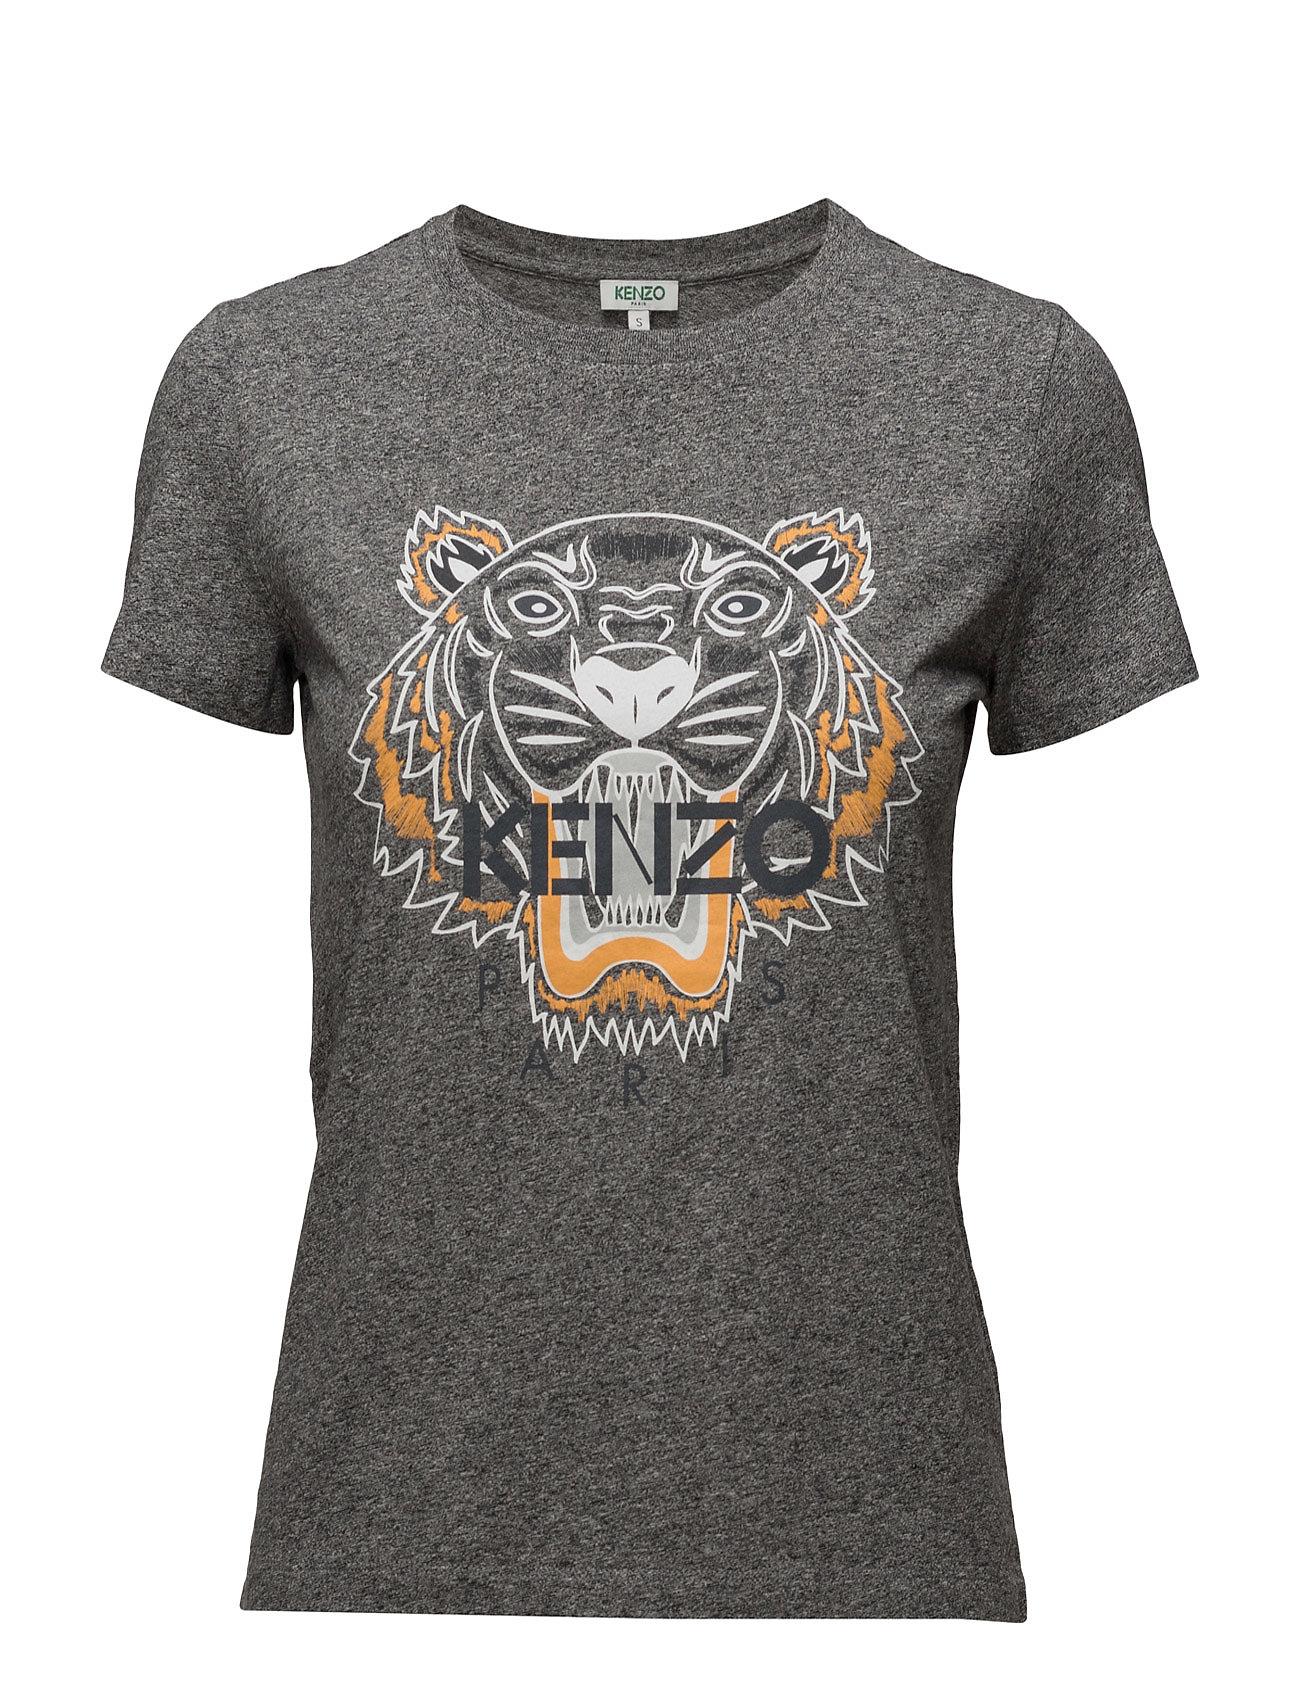 Knitted T-Shirt Special Kenzo Kortærmede til Damer i Antracit grå